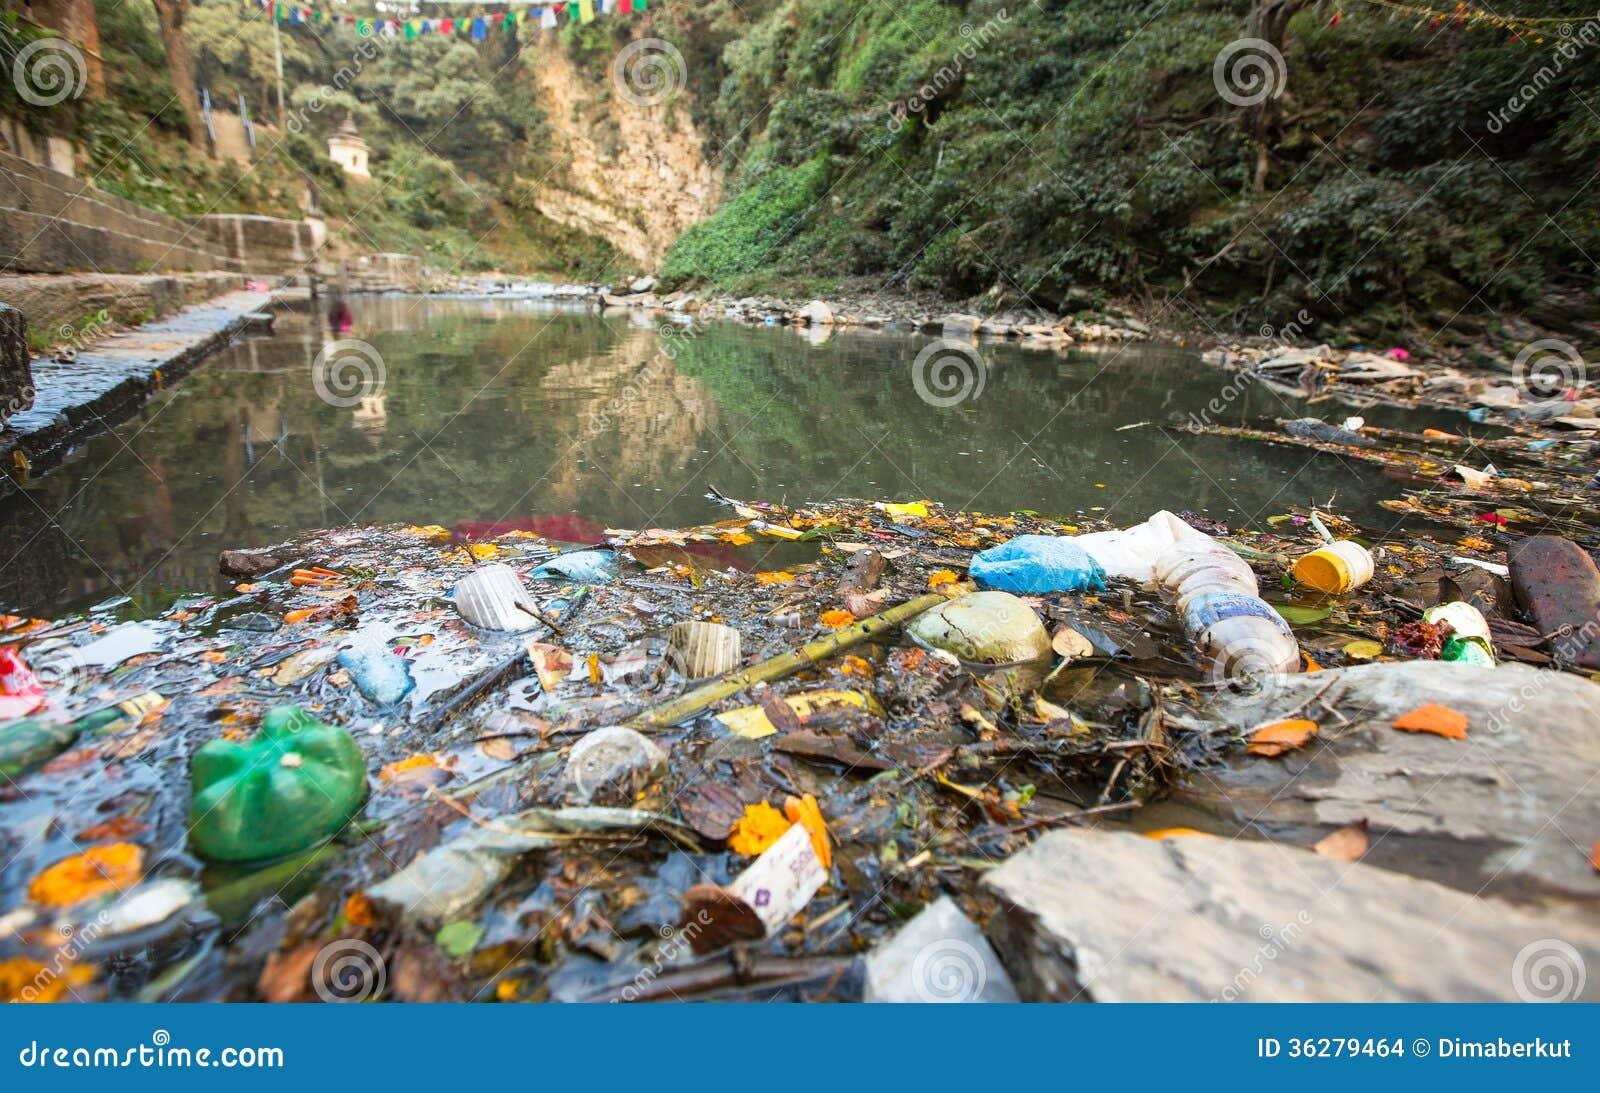 Plastikverschmutzung in Natur Abfall und Flaschen, die auf Wasser schwimmen